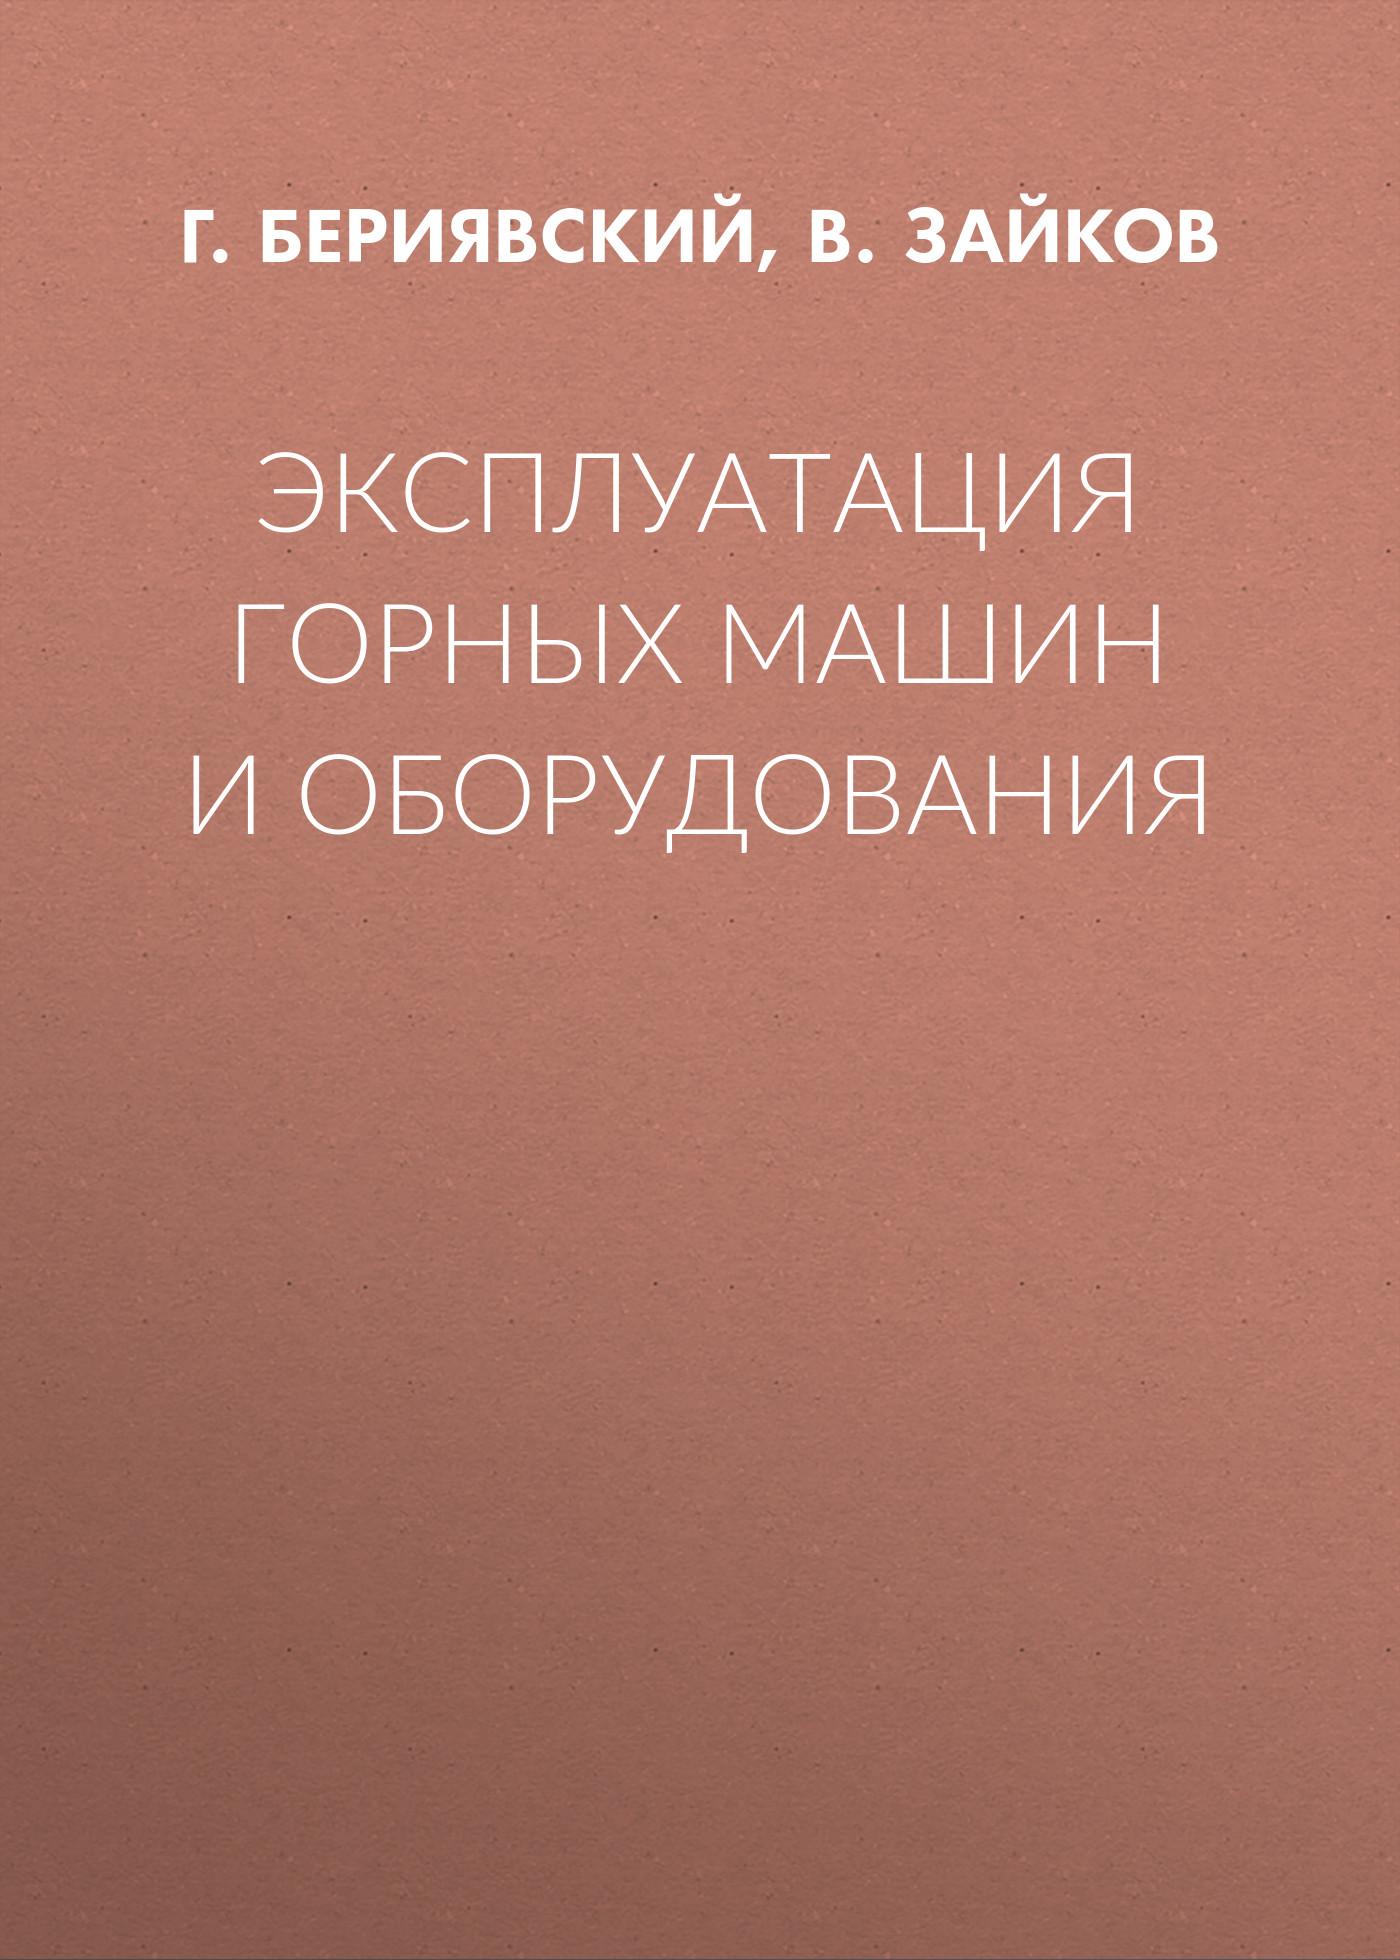 Г. Бериявский Эксплуатация горных машин и оборудования гилев а в монтаж горных машин и оборудования